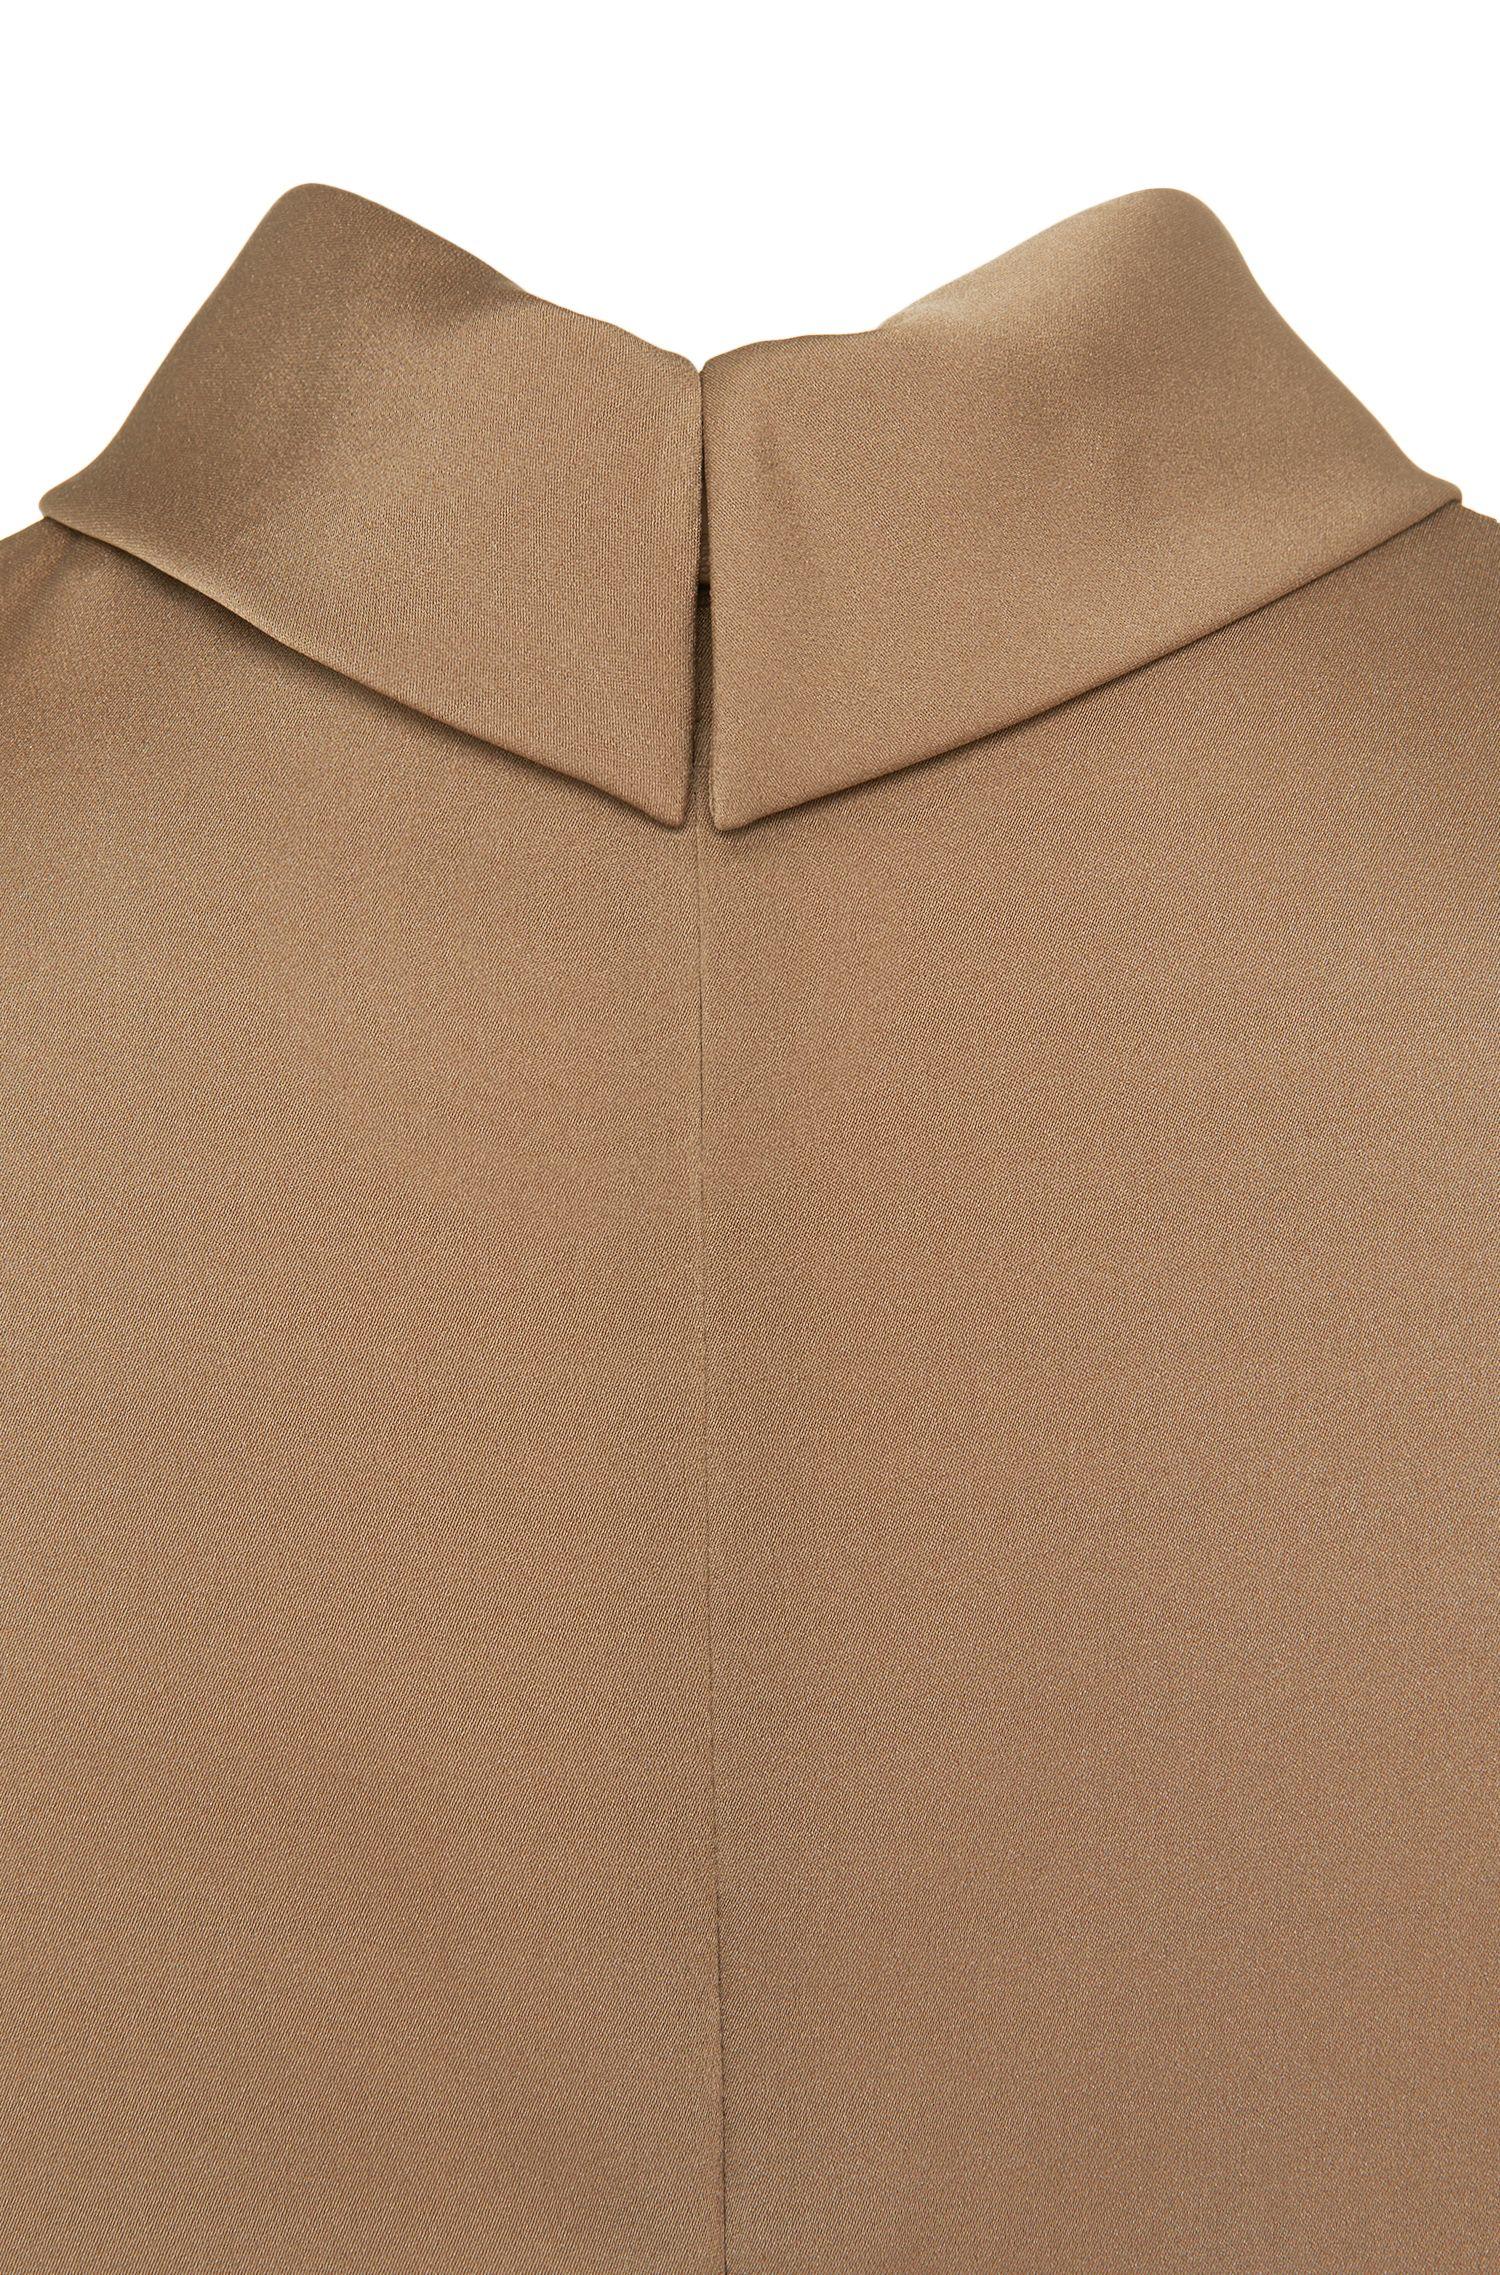 Haut à manches courtes en soie stretch: «Cyaan-1»